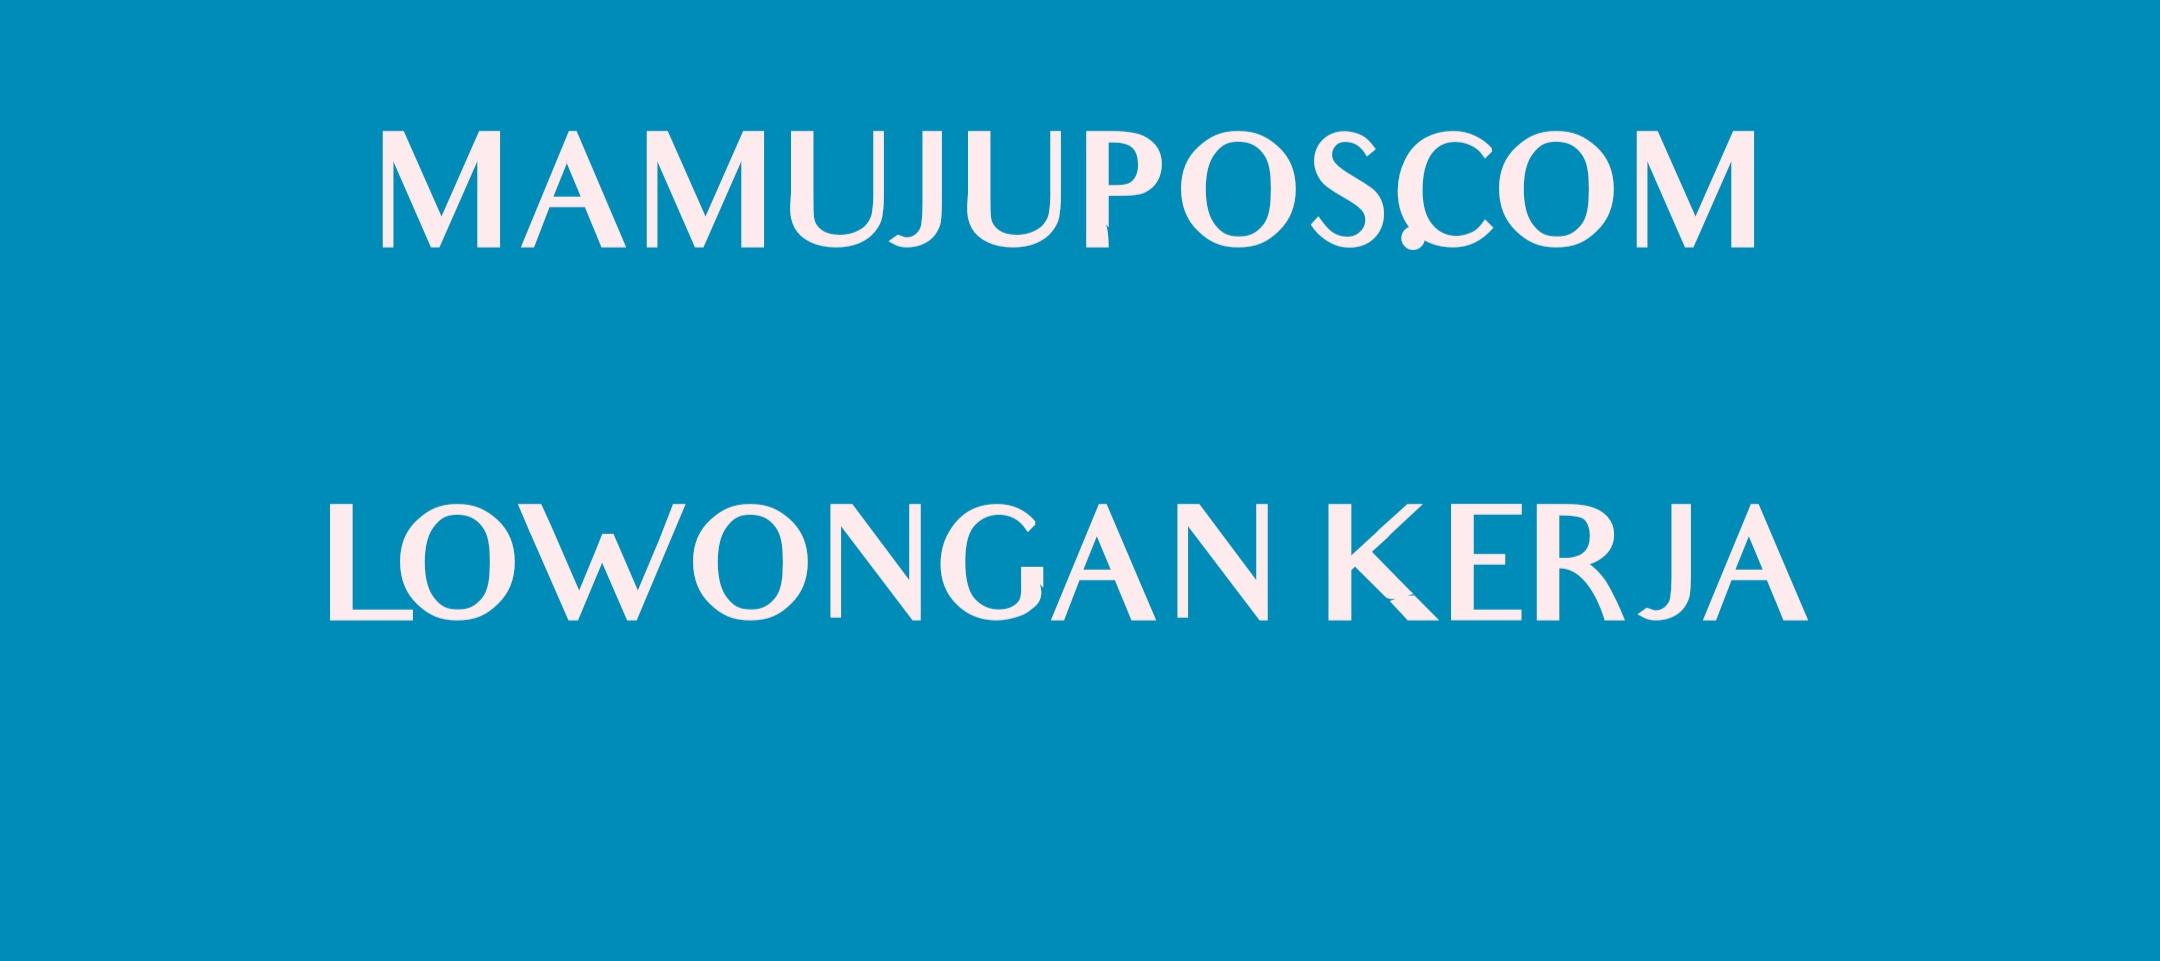 Gambar Mamujupos.com Buka Lowongan Kerja